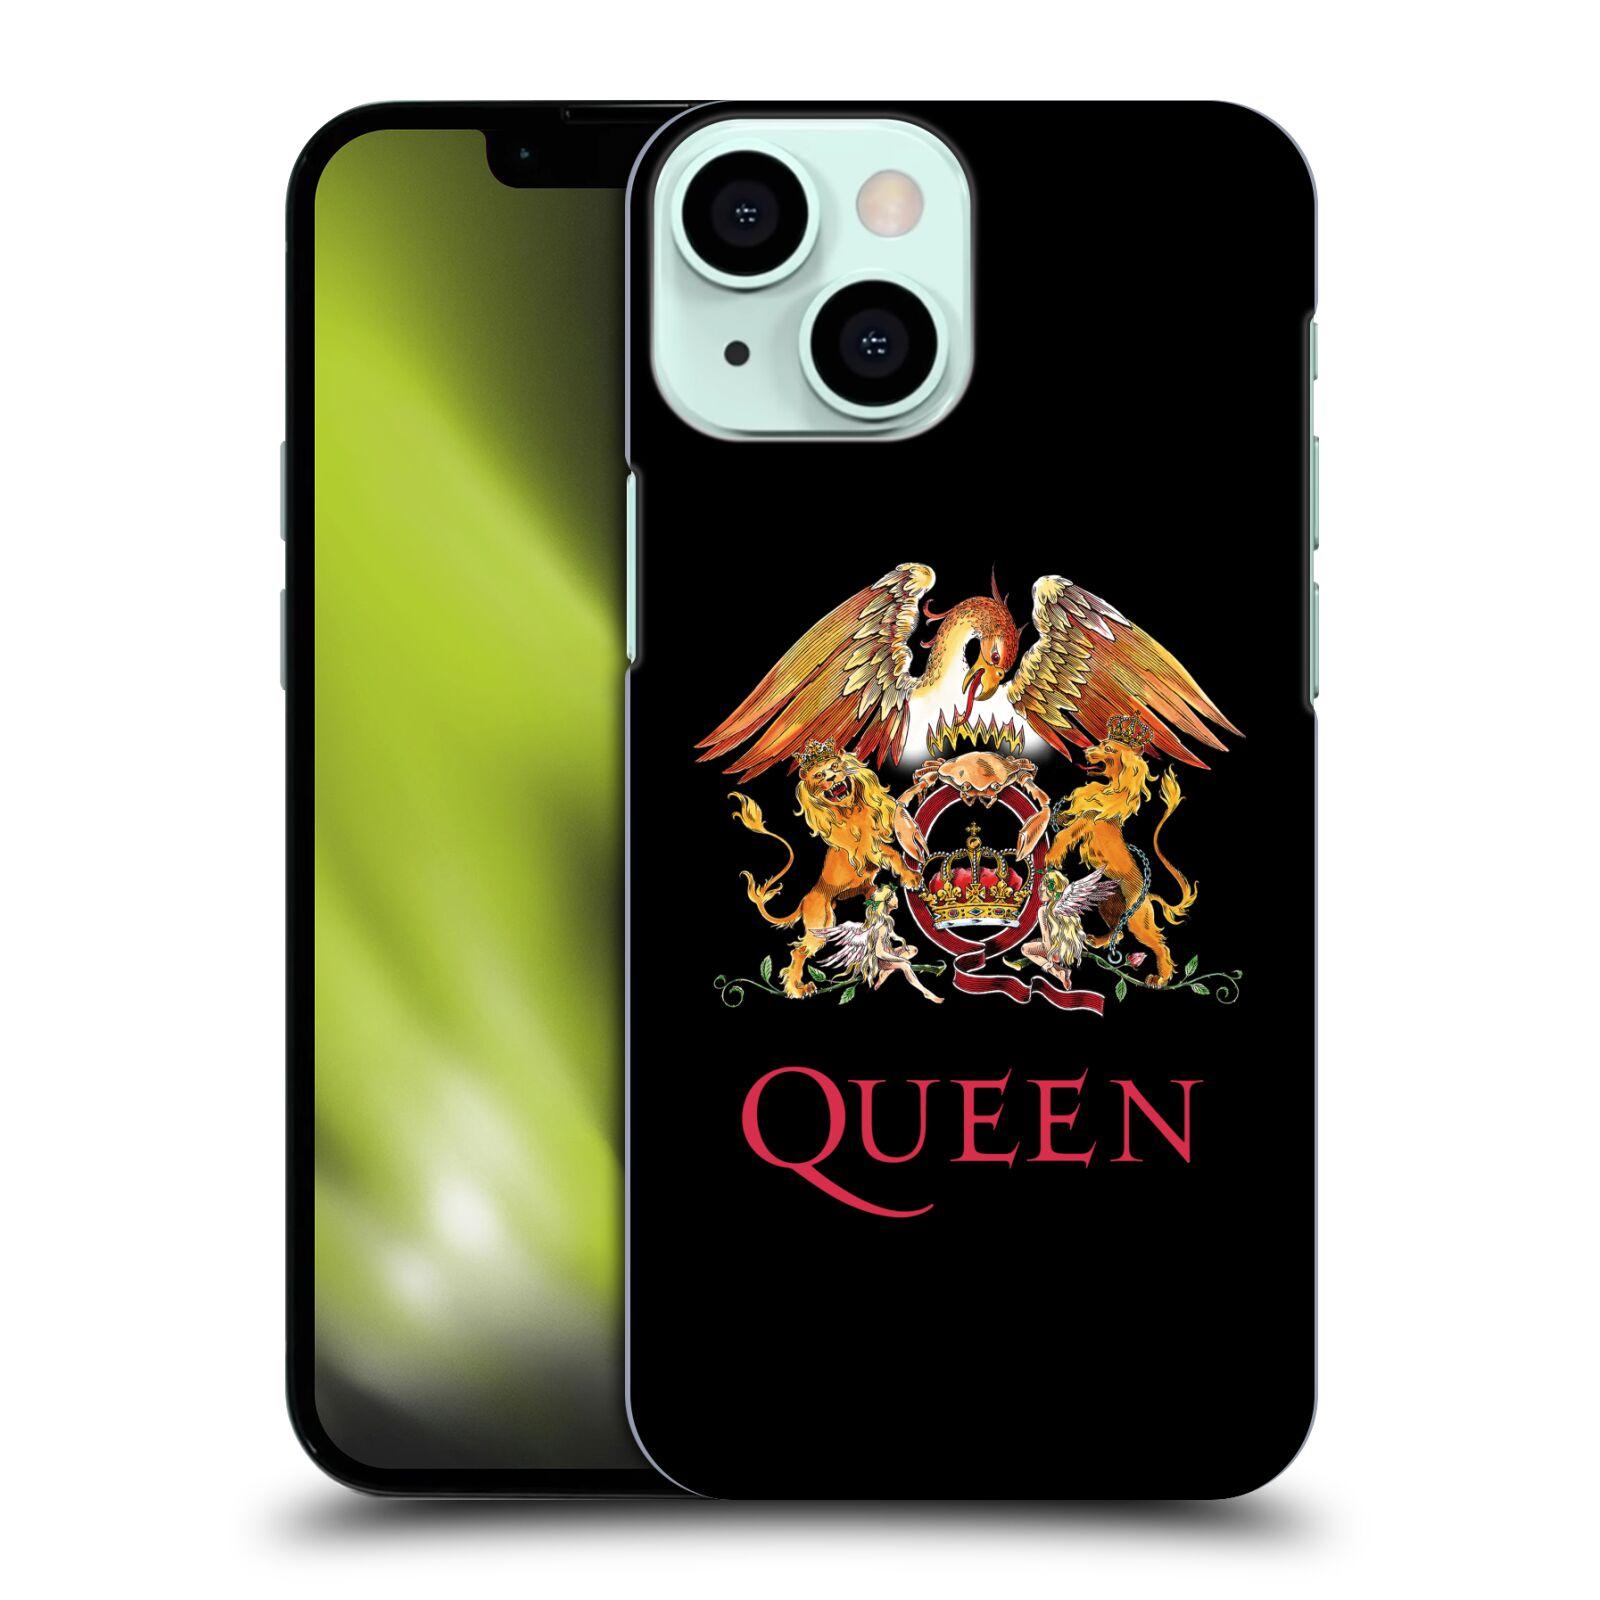 Plastové pouzdro na mobil Apple iPhone 13 Mini - Head Case - Queen - Logo